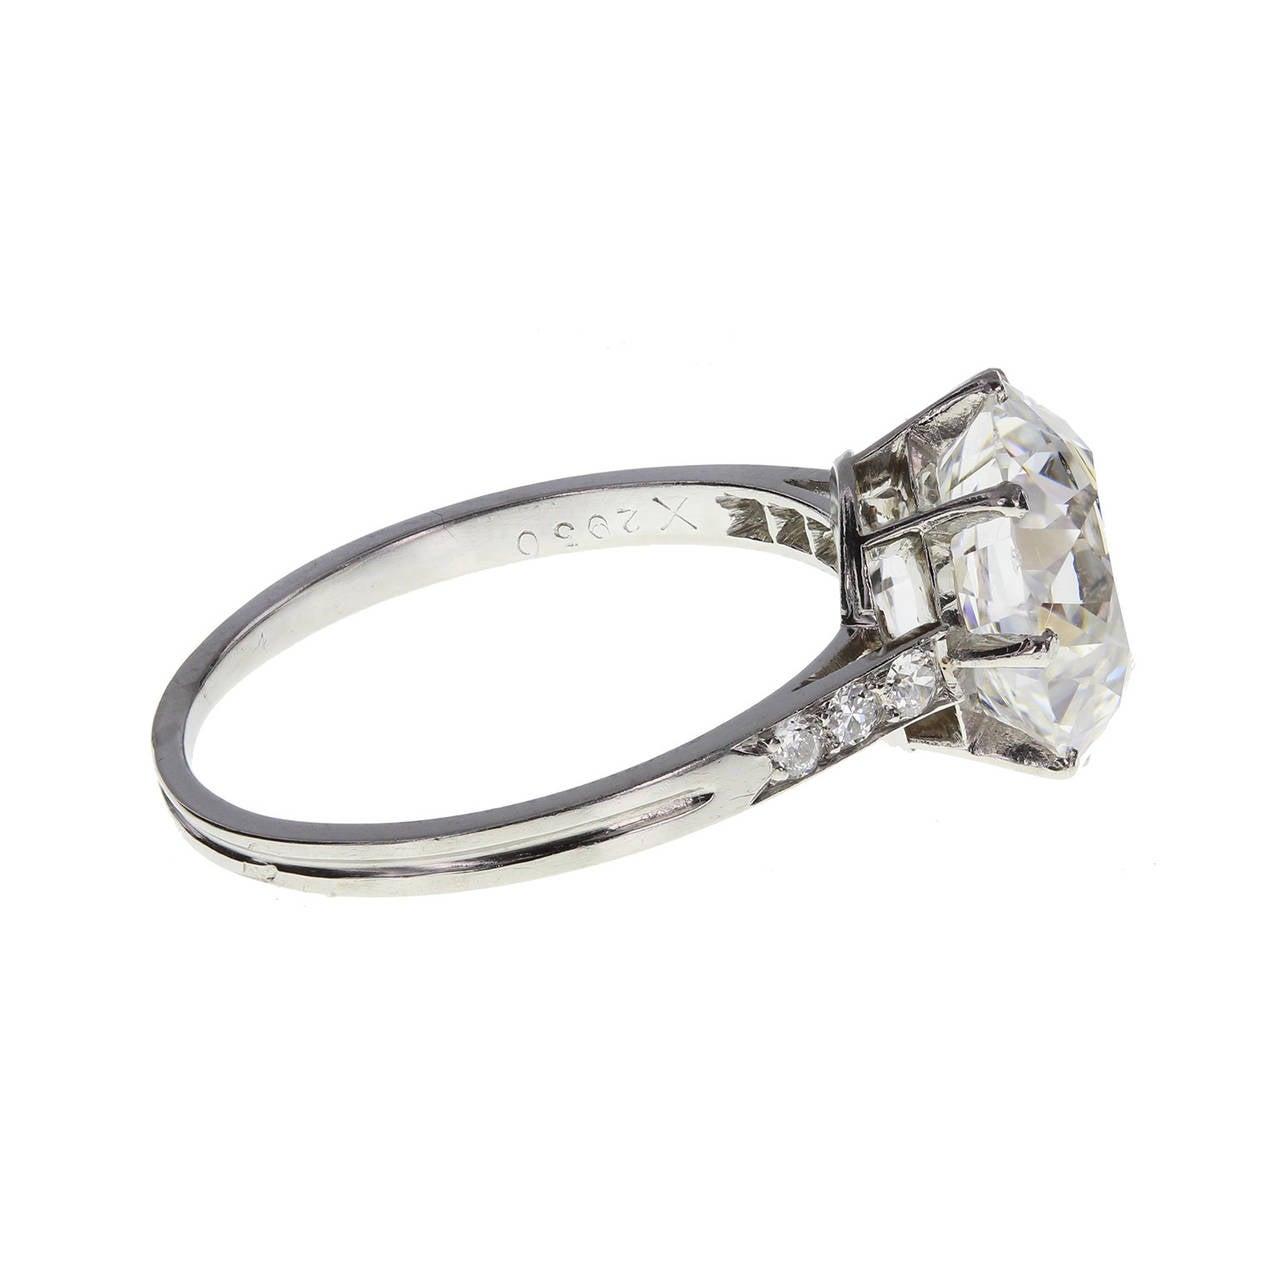 Edwardian Boucheron 3.91 Carat Brilliant-Cut Diamond Platinum Engagement Ring For Sale